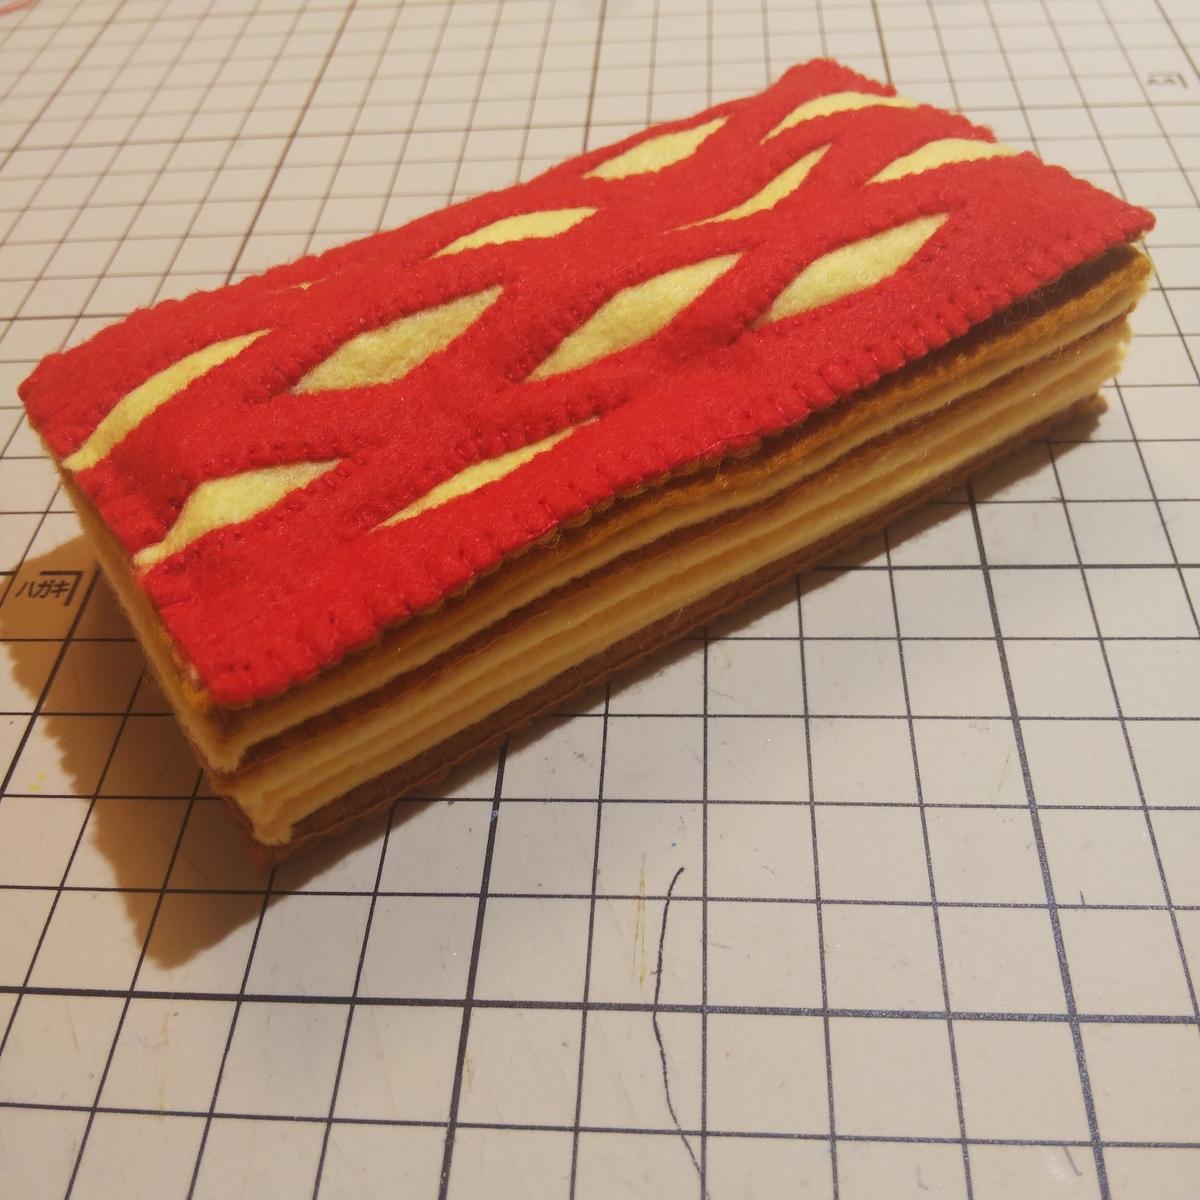 フェルトで作った『ラズベリーチーズパイ』